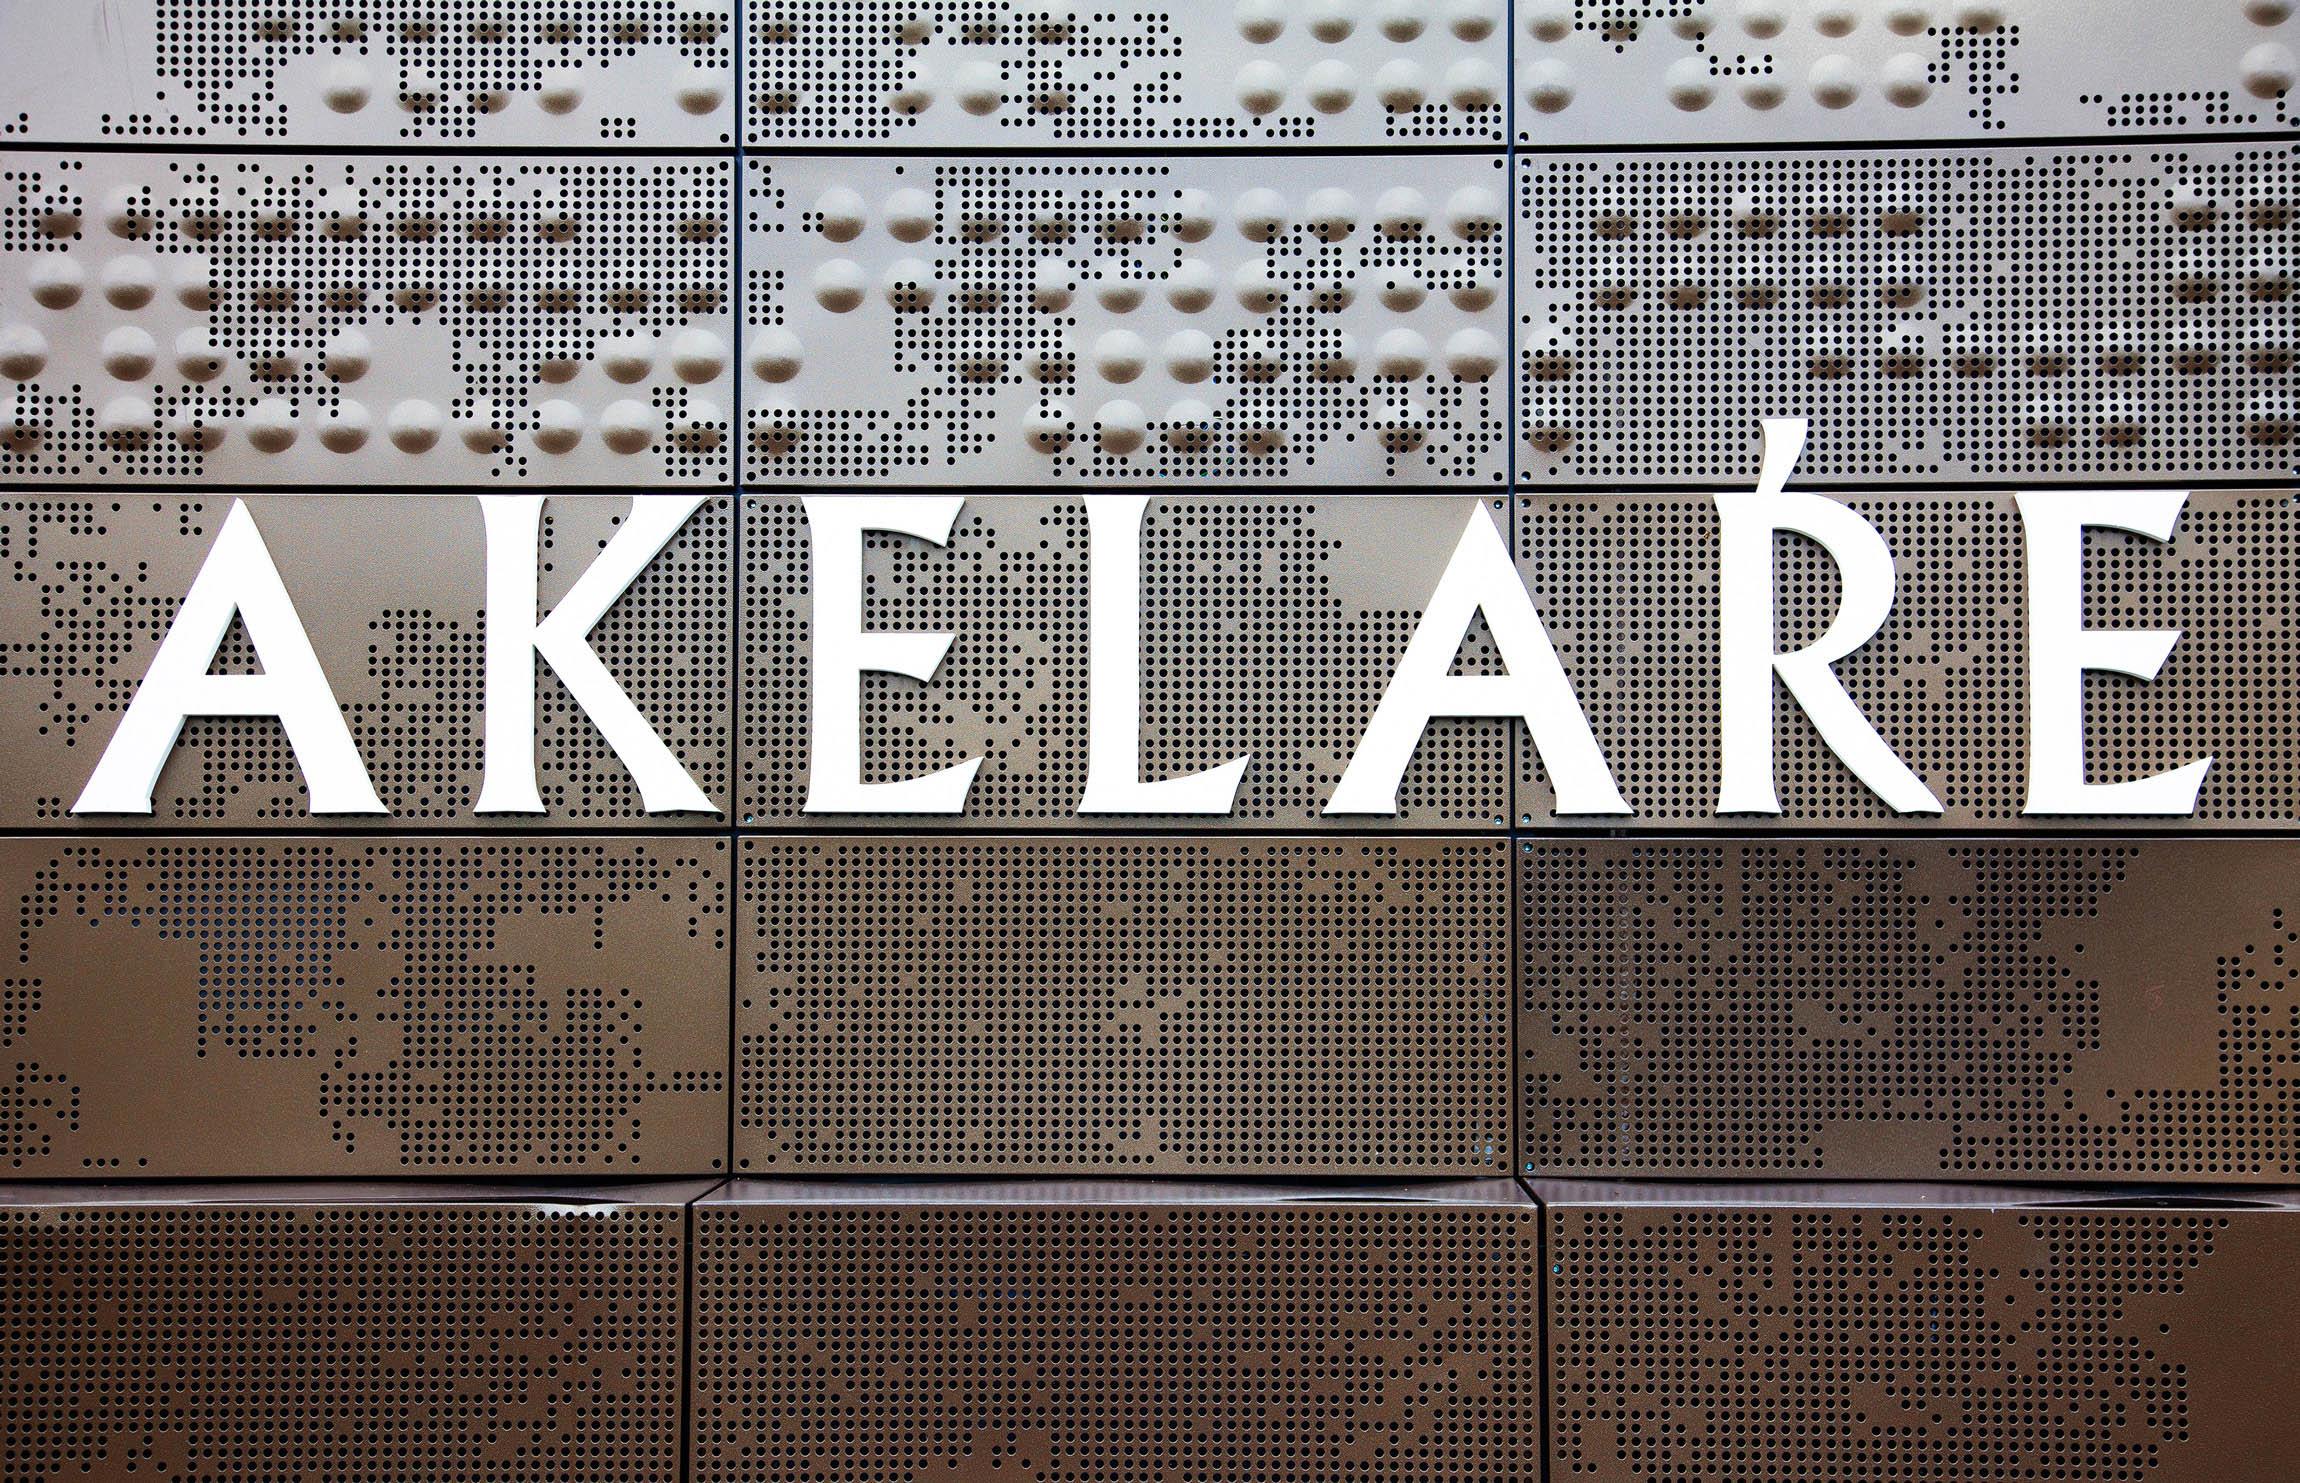 Akelarre-galeria-hotel-home01